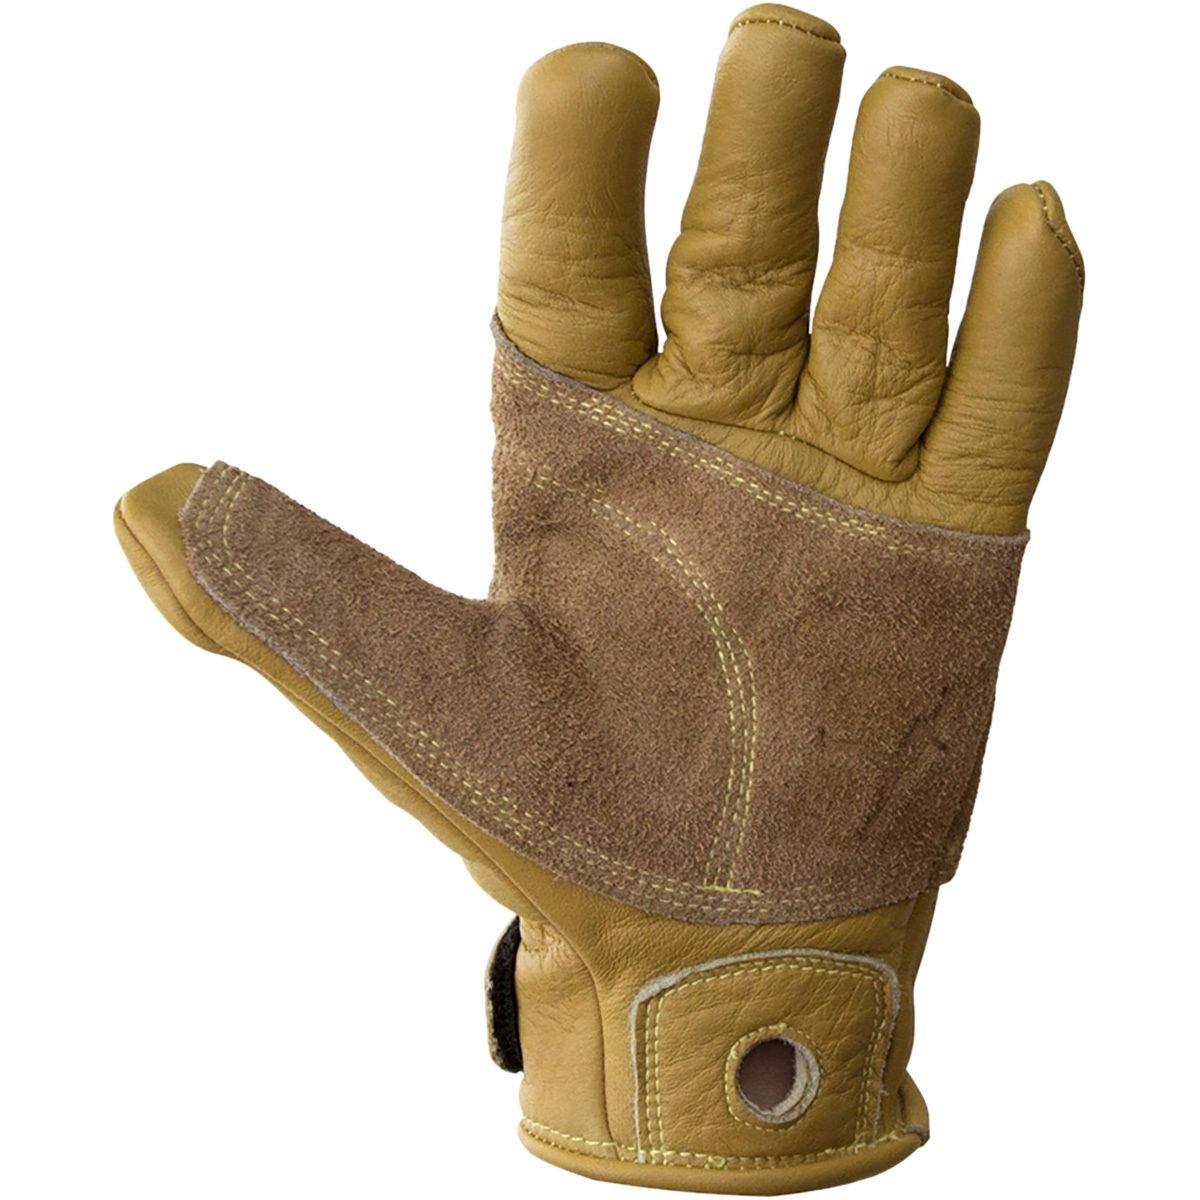 Metolius Full Finger Belay Glove